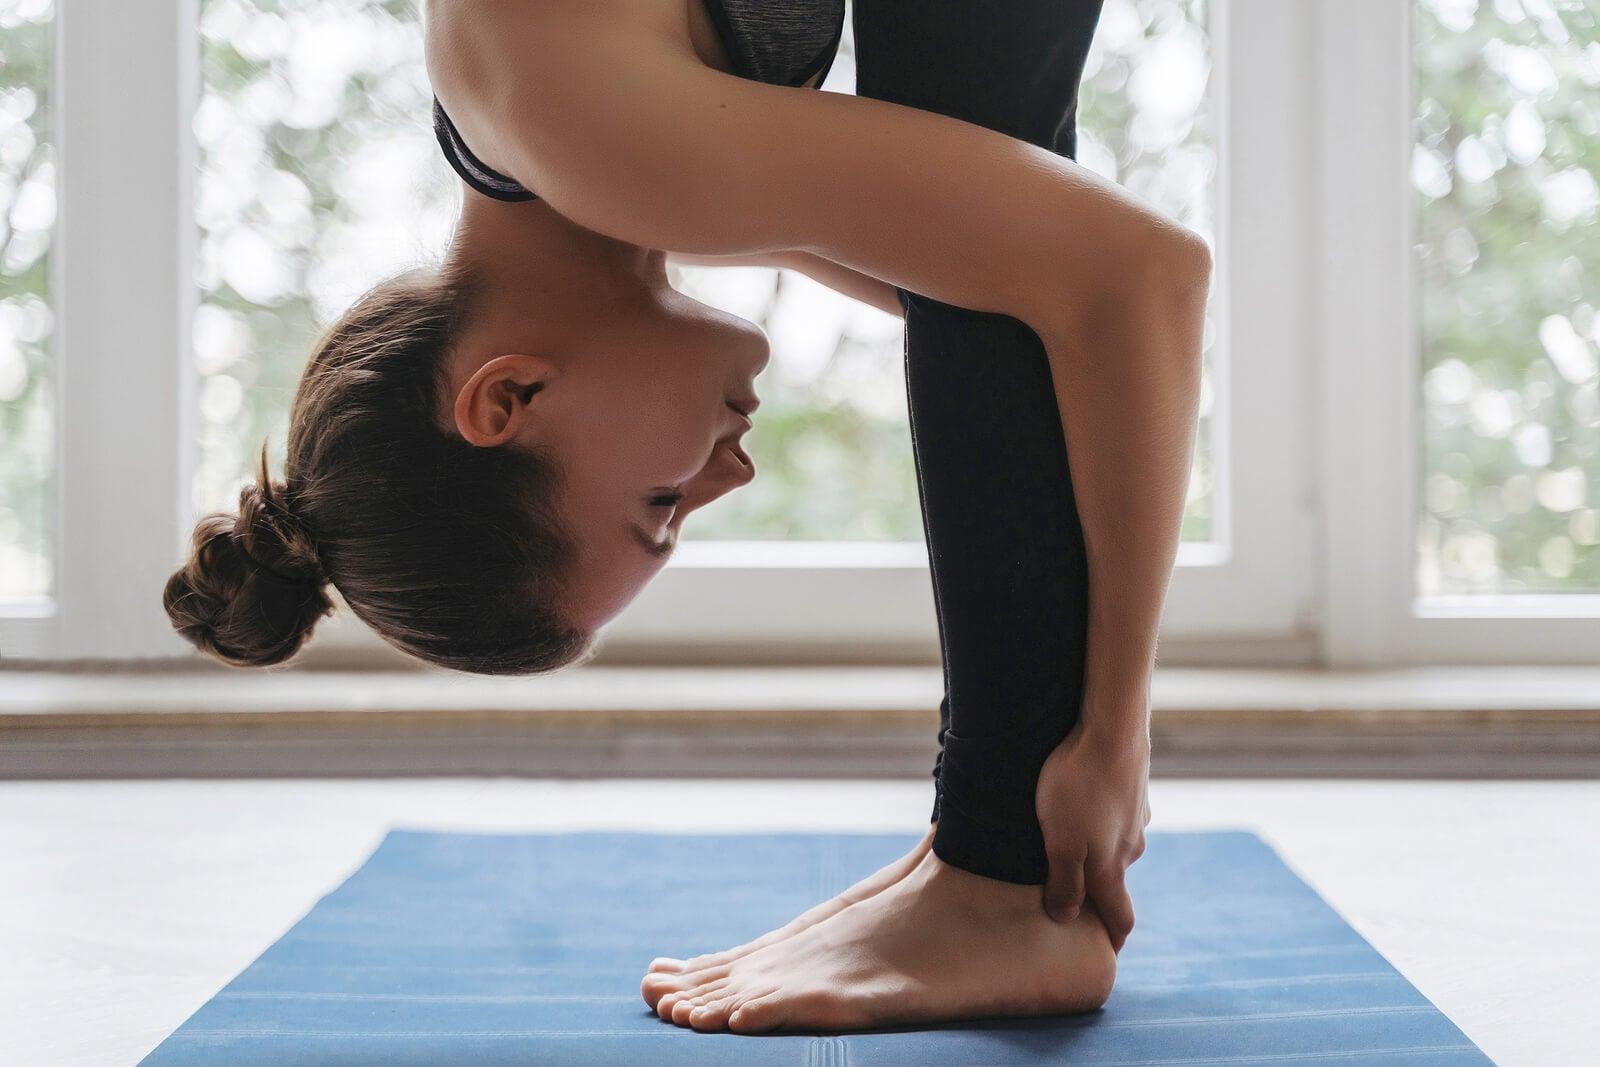 Ejercicios físicos para aumentar la flexibilidad.